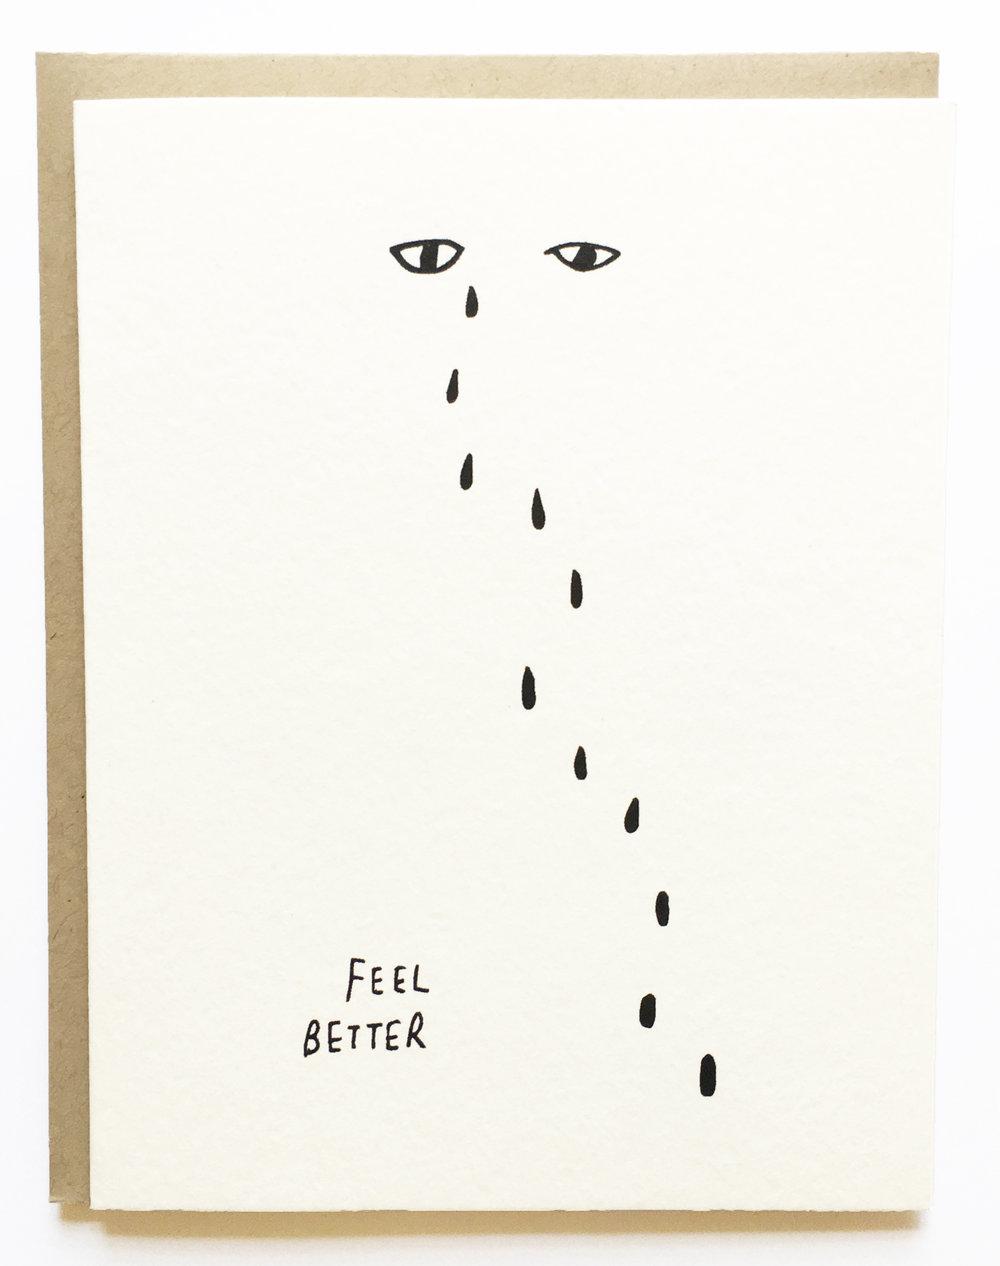 NEW - Feel Better